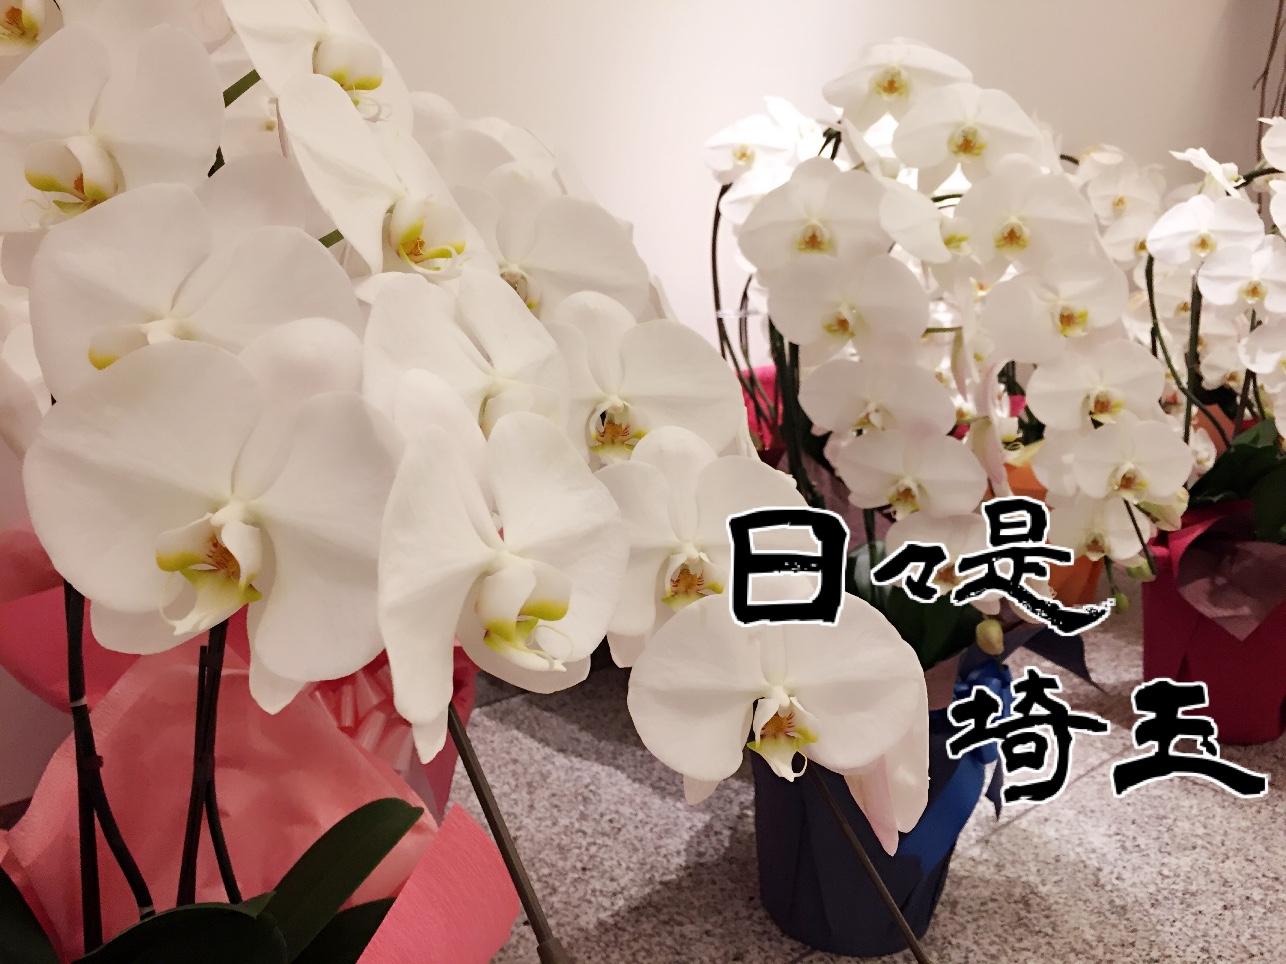 【日々是埼玉 2020/5/9】胡蝶蘭で幸せを 黒臼洋蘭園らんやでキャンペーン中